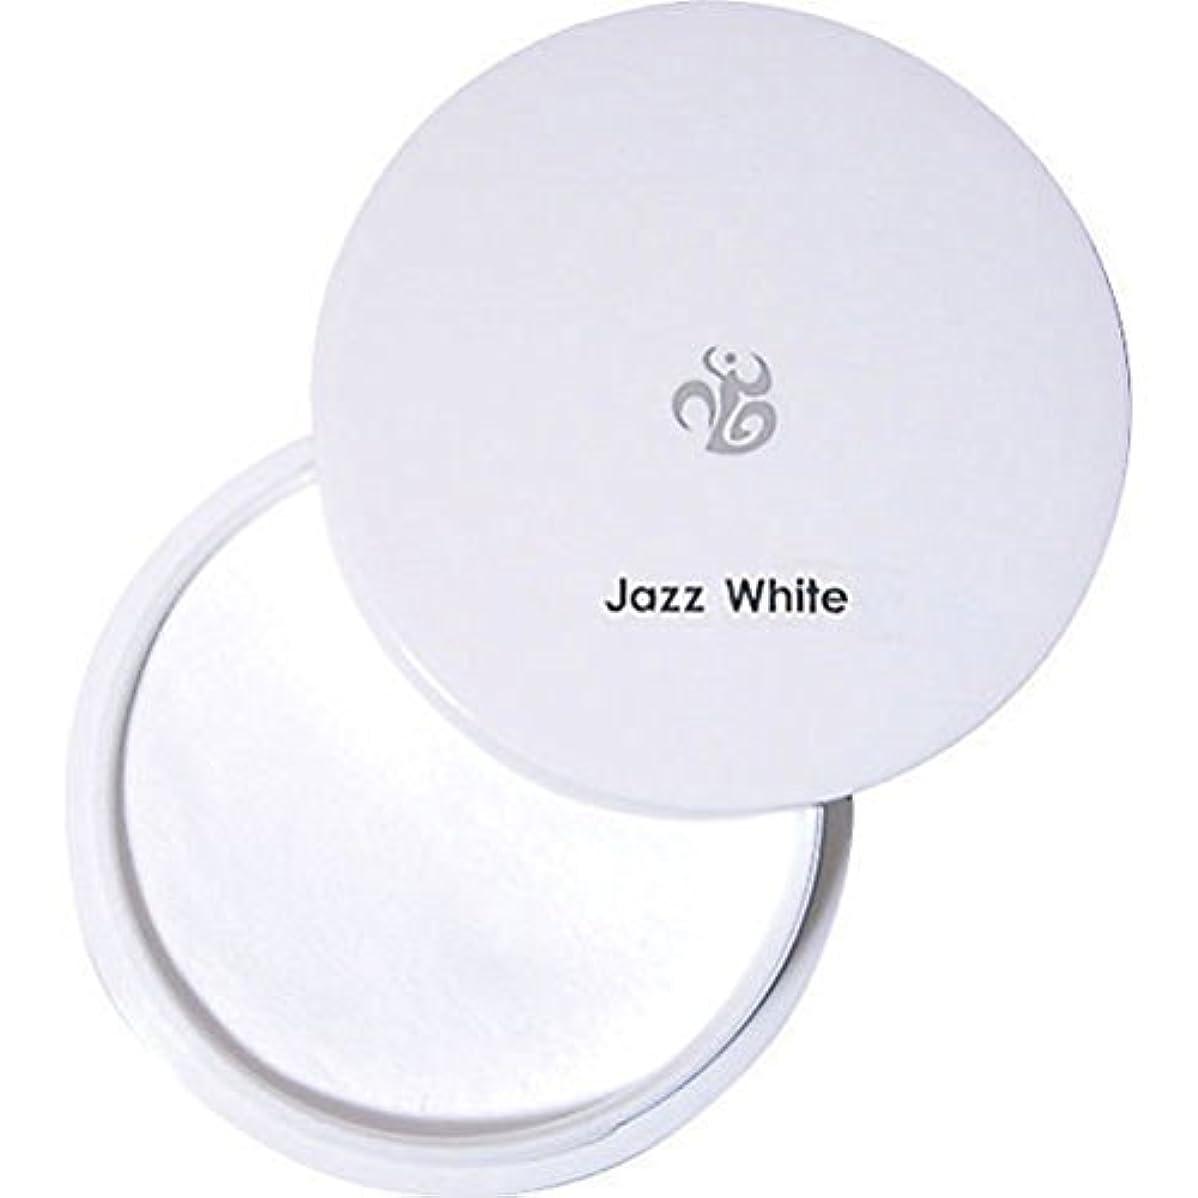 影響を受けやすいですレスリング正しいパウダー ジャズホワイト 20g